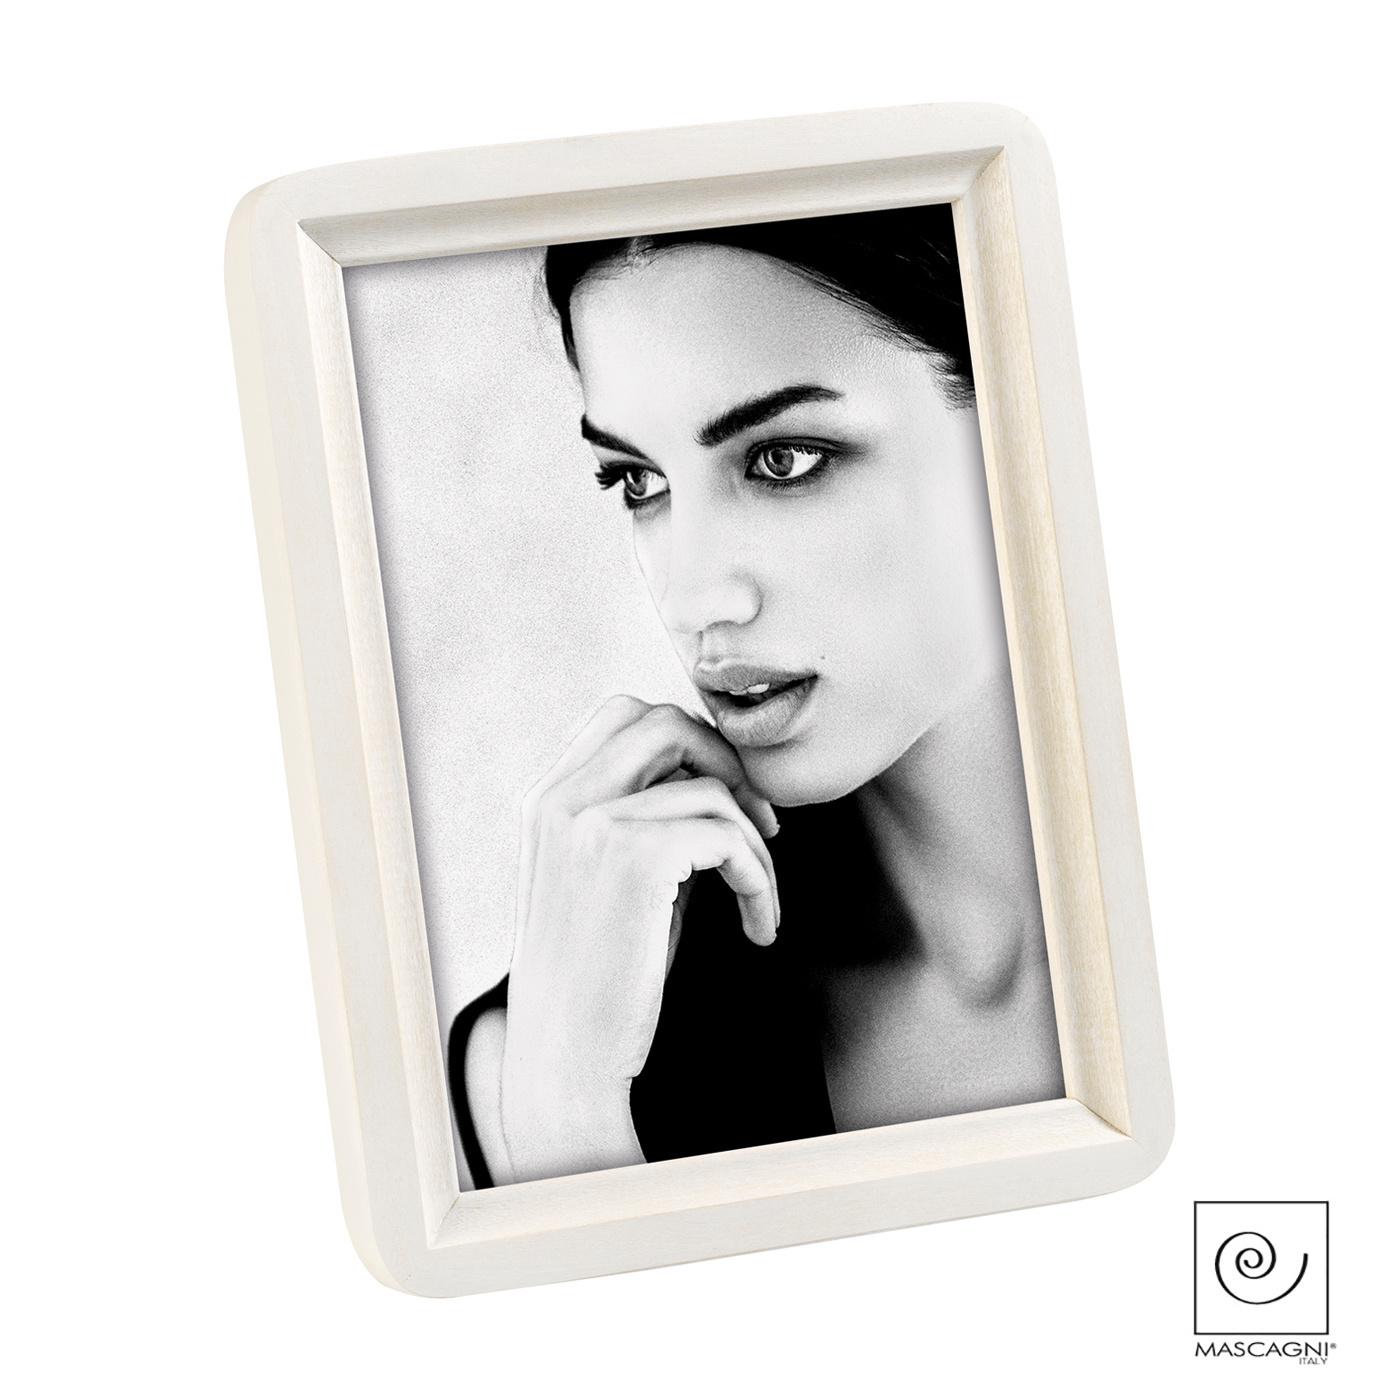 Art Mascagni A1068 PHOTO FRAME 13X18 - COL.WHITE